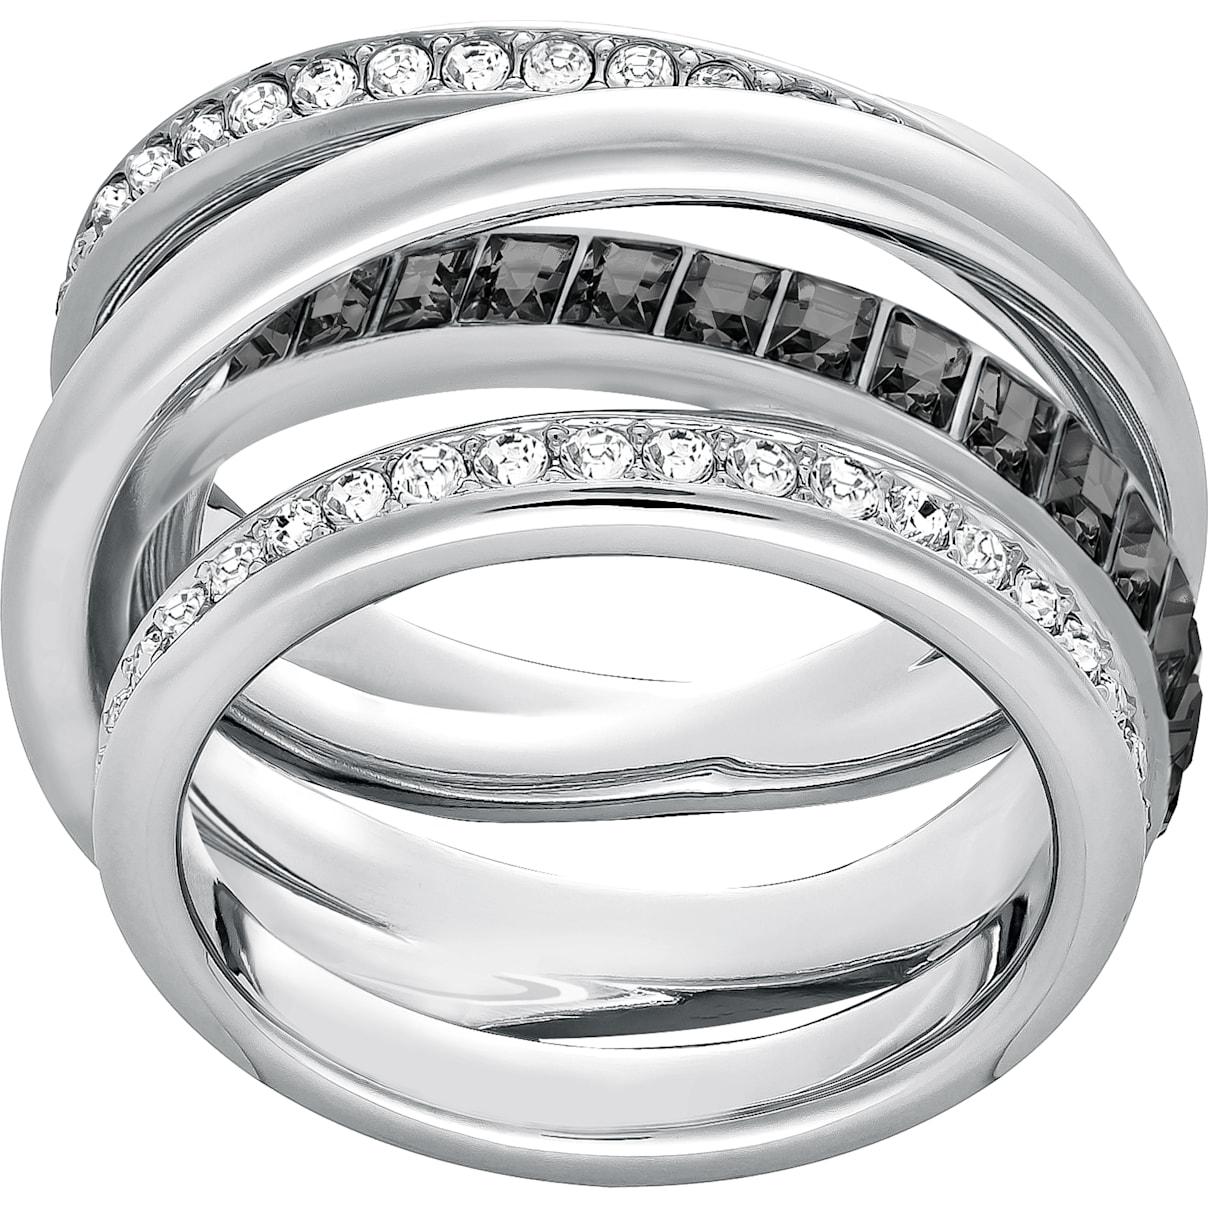 Swarovski Dynamic Ring, Gray, Rhodium plated